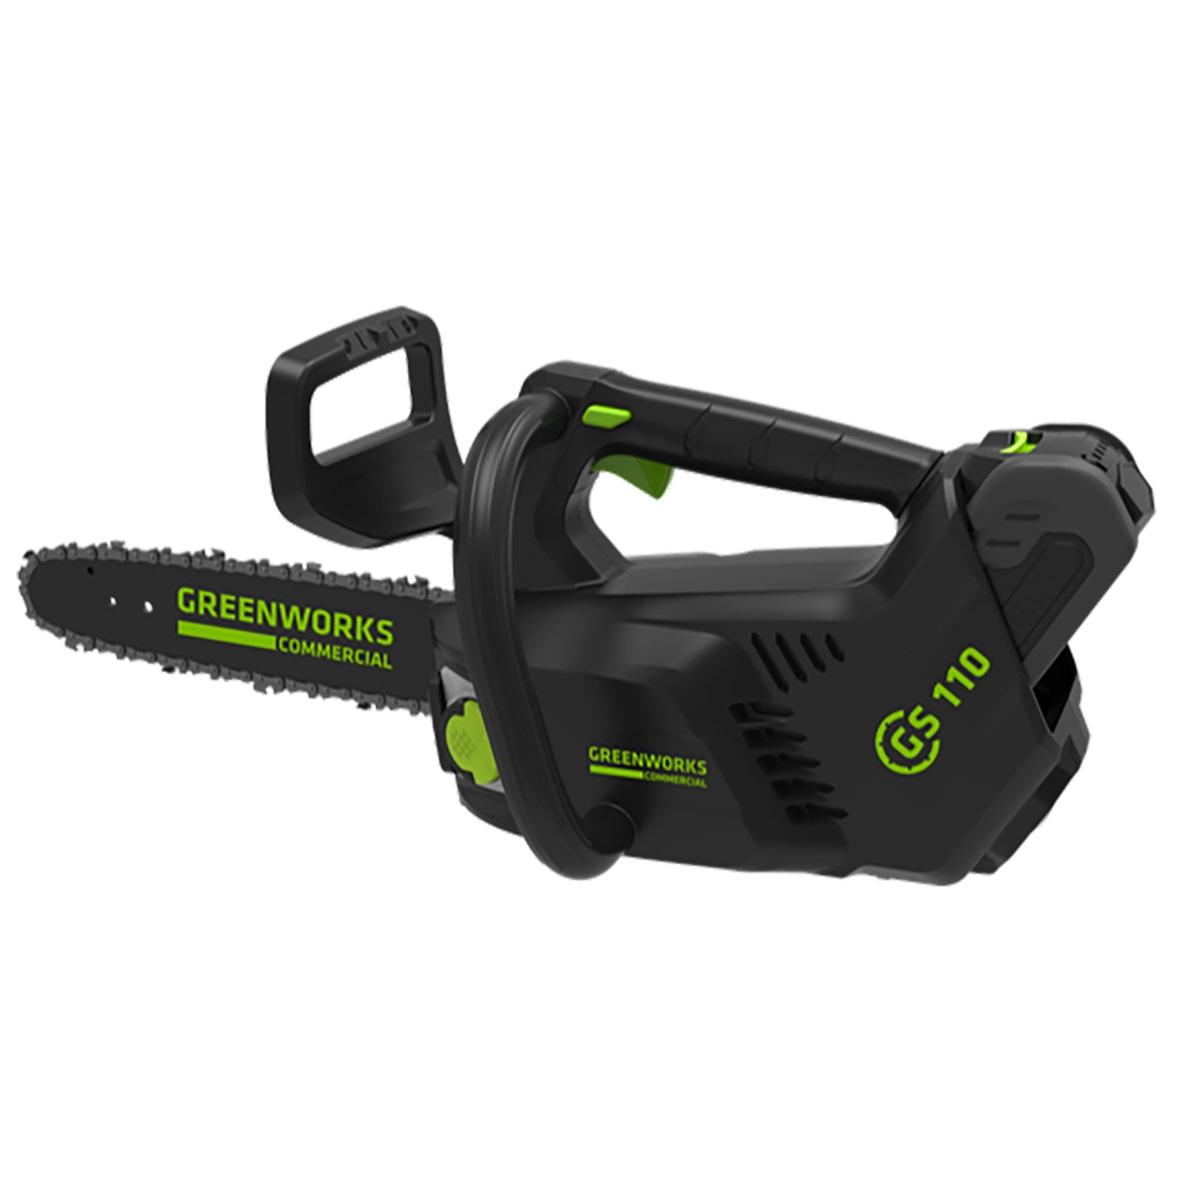 Greenworks GD40TCS - aku 40 V vyvětvovací pila 25 cm s bezuhlíkovým motorem